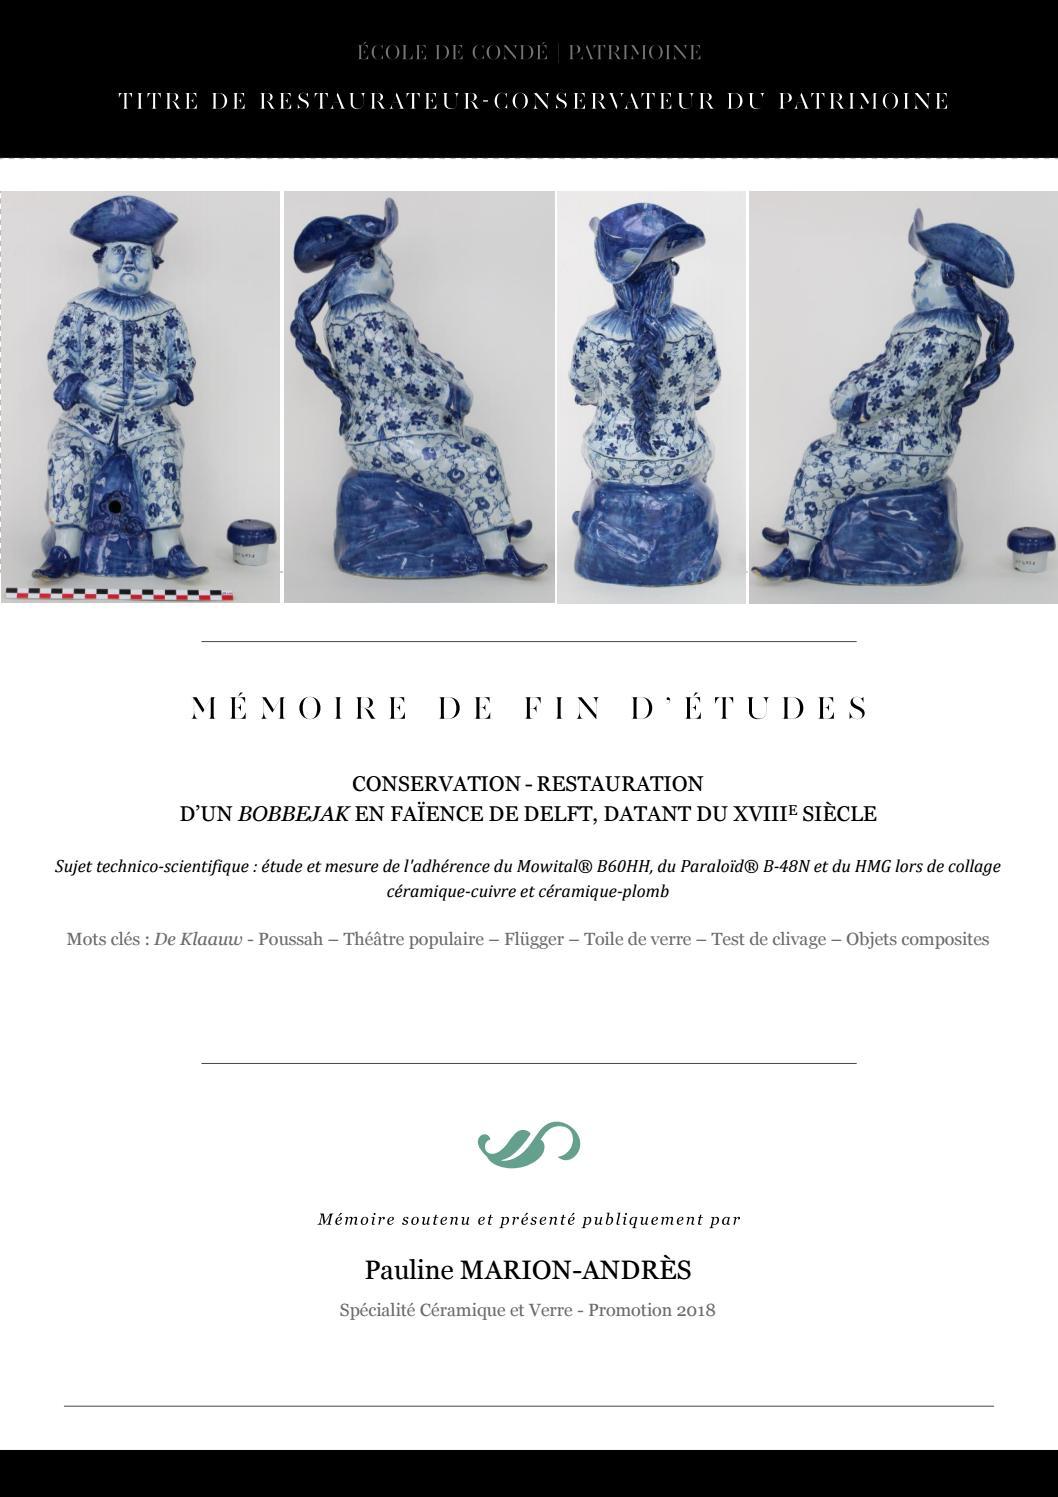 Italien main coupe-feu Sharp Acier Carbone Diamant Rifloir Nº 202 sculpture sur pierre